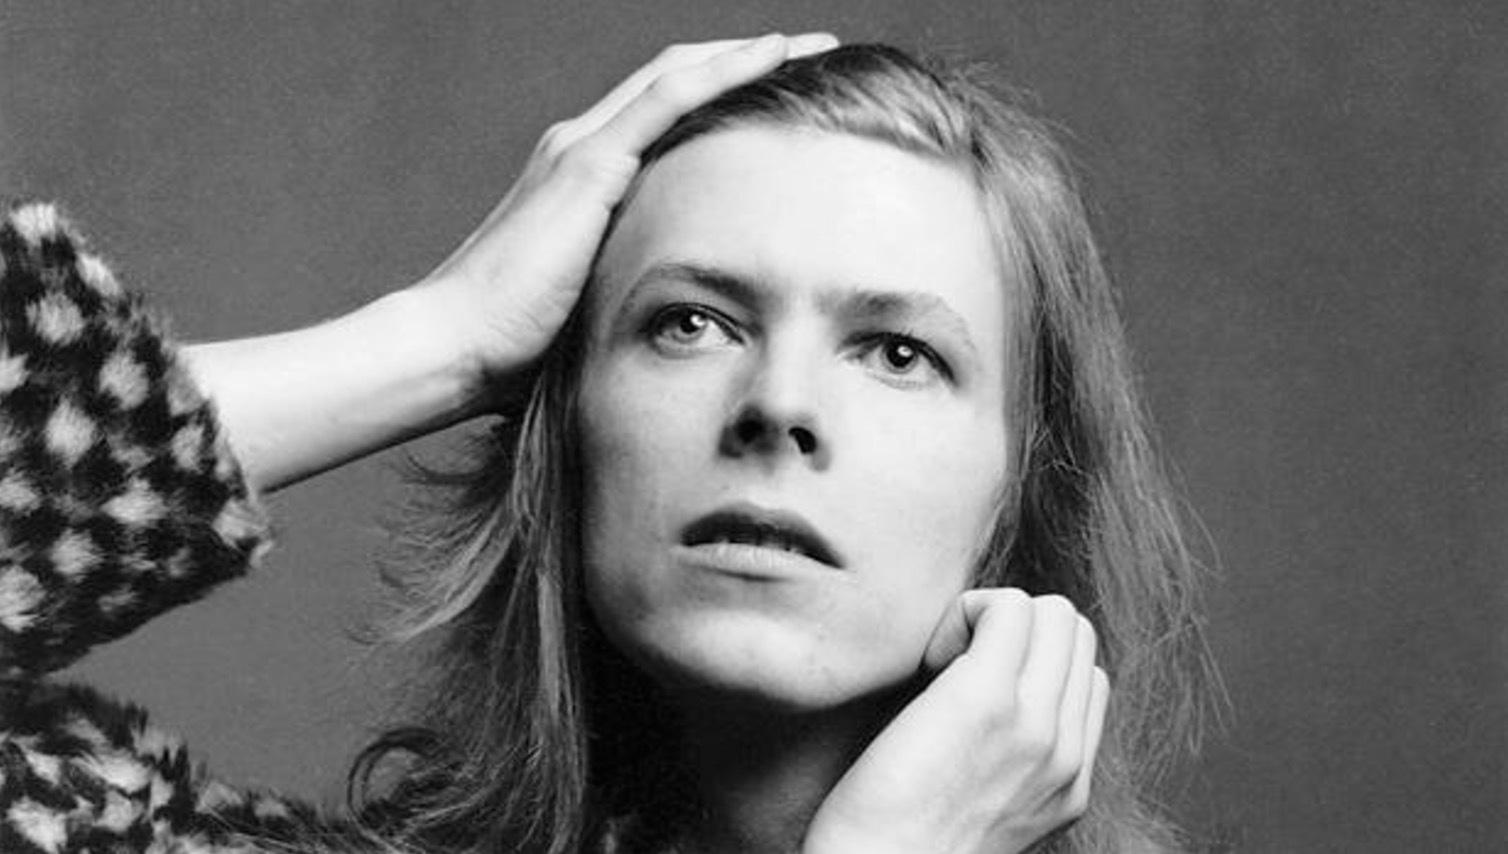 David Bowie var fascinerad av stjärnor. Ziggy Stardust var först av alla fantastiska ikoner att lämna jordelivet 2016